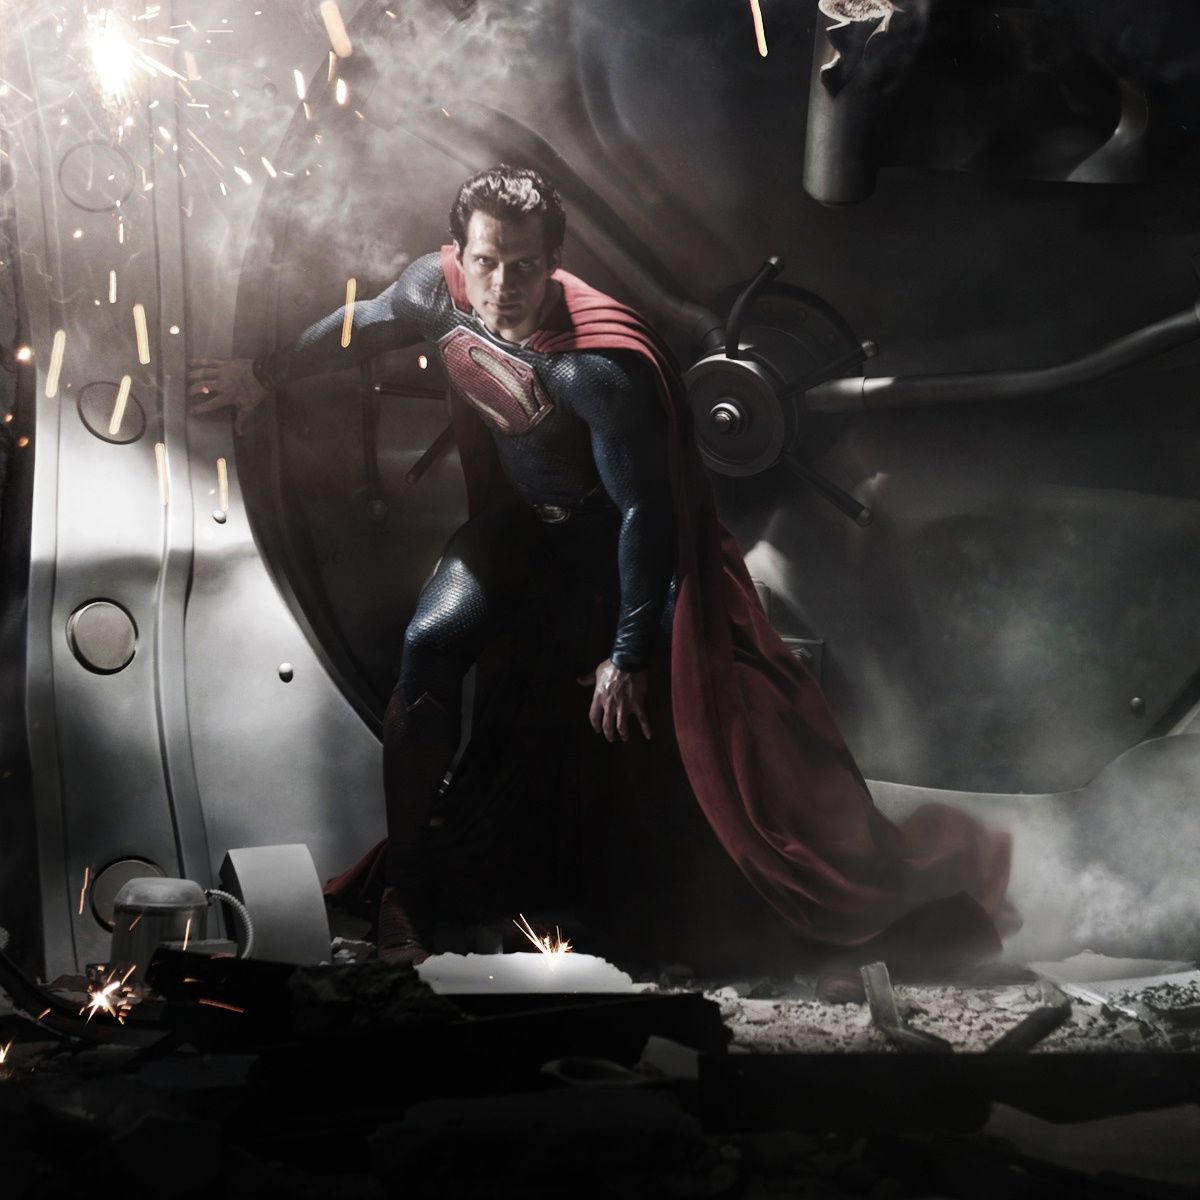 man_of_steel_2013_movie-wide.jpg